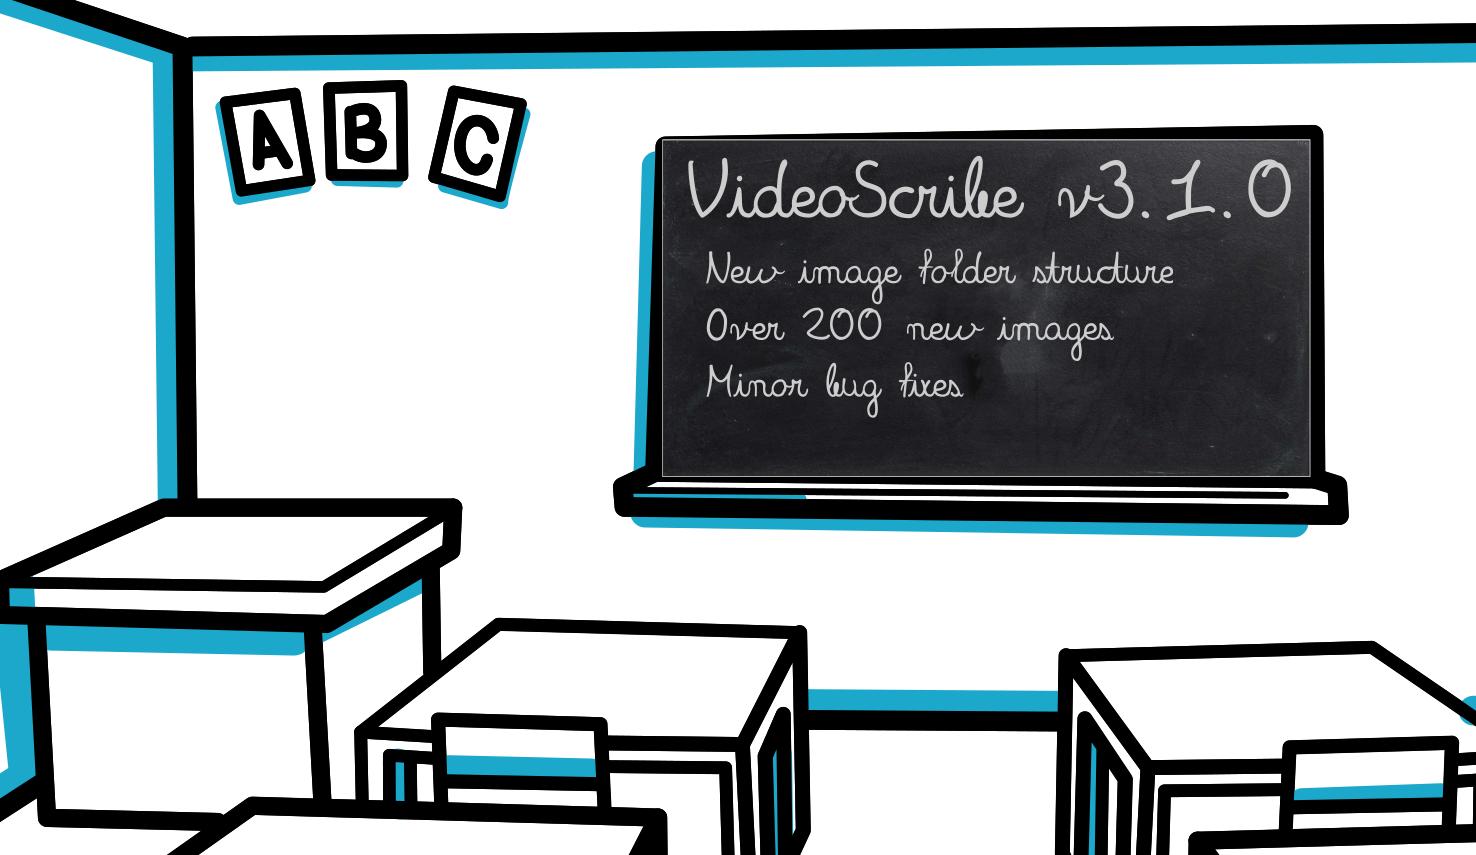 GRATUIT TÉLÉCHARGER VIDEOSCRIBE